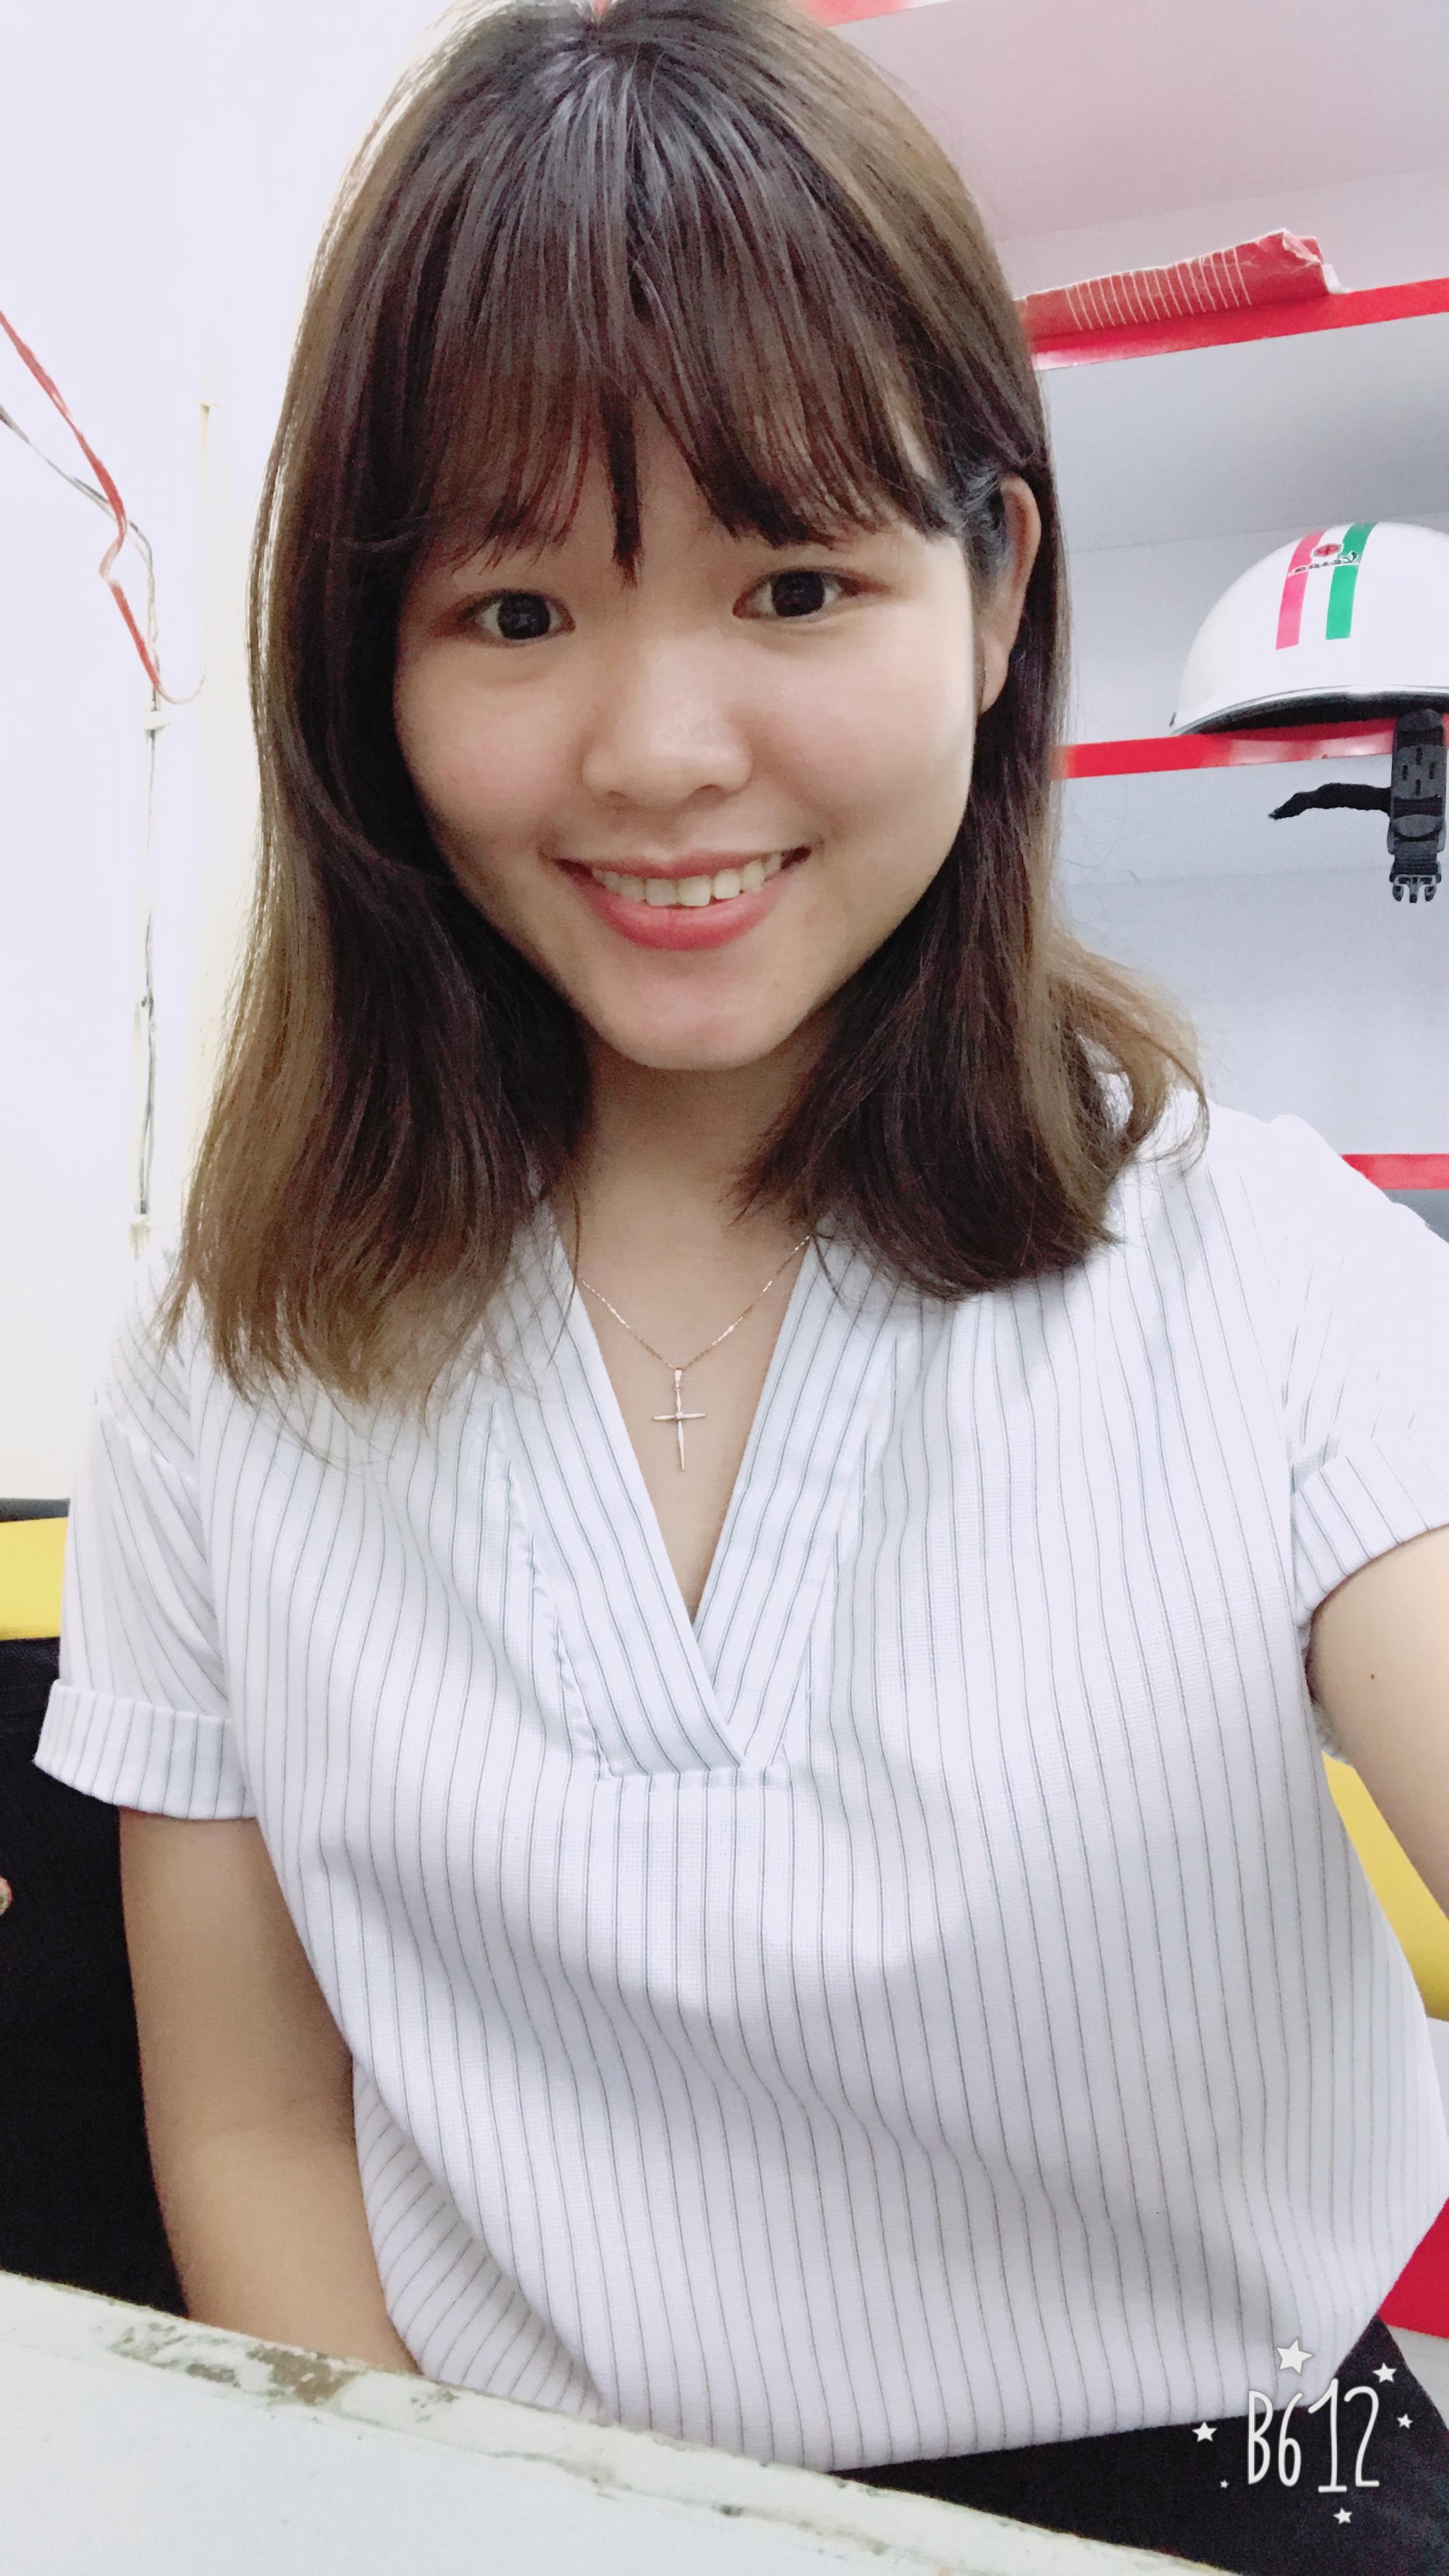 Vũ Hoàng Thanh Tâm